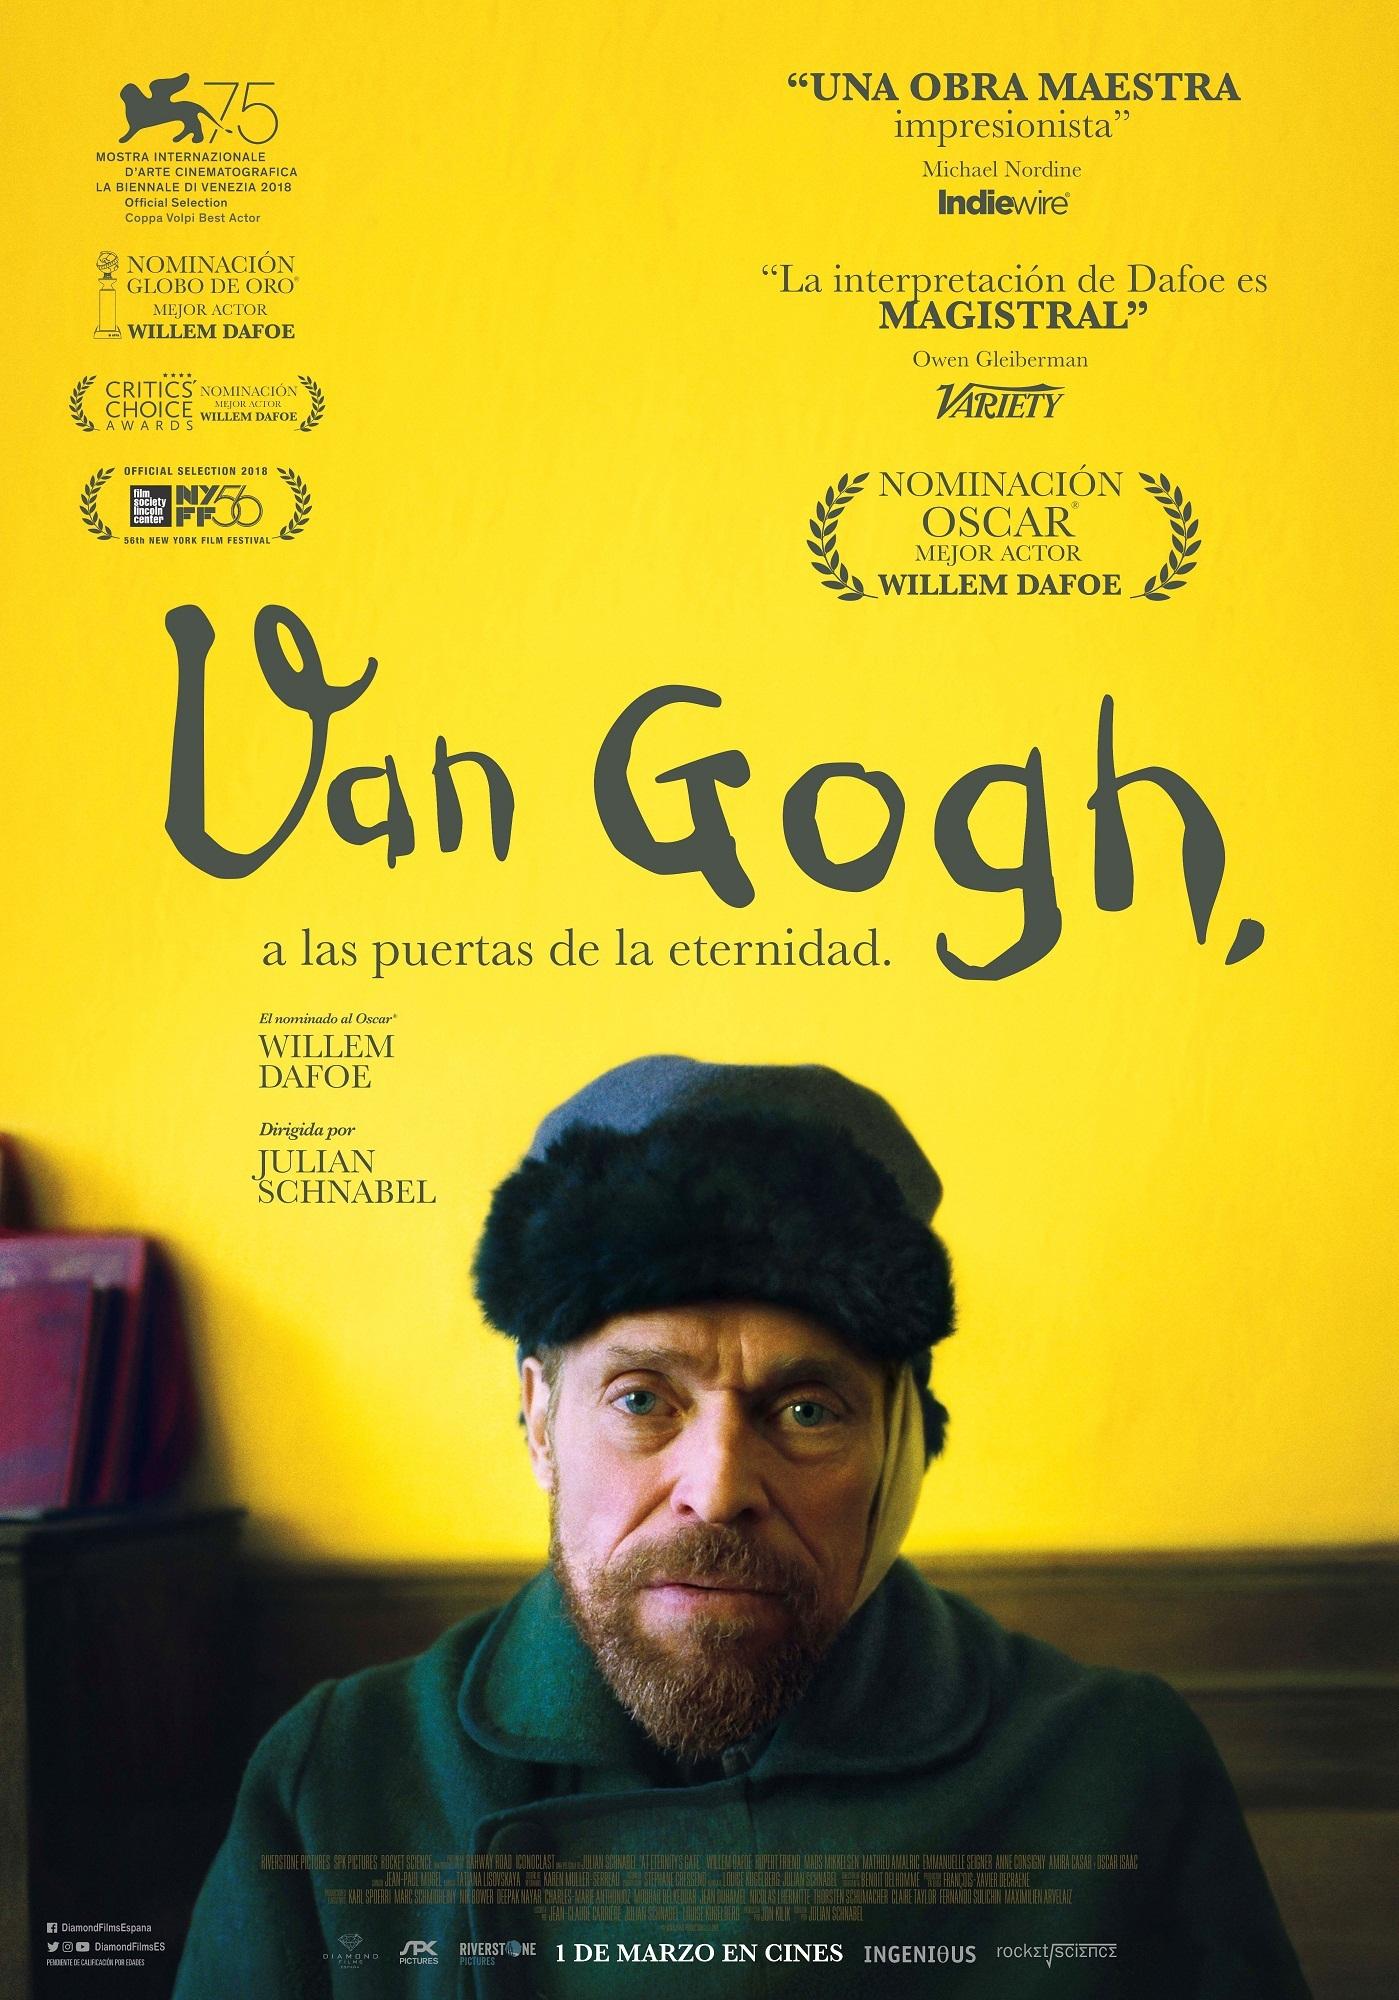 Cartel de Van Gogh, a las puertas de la eternidad